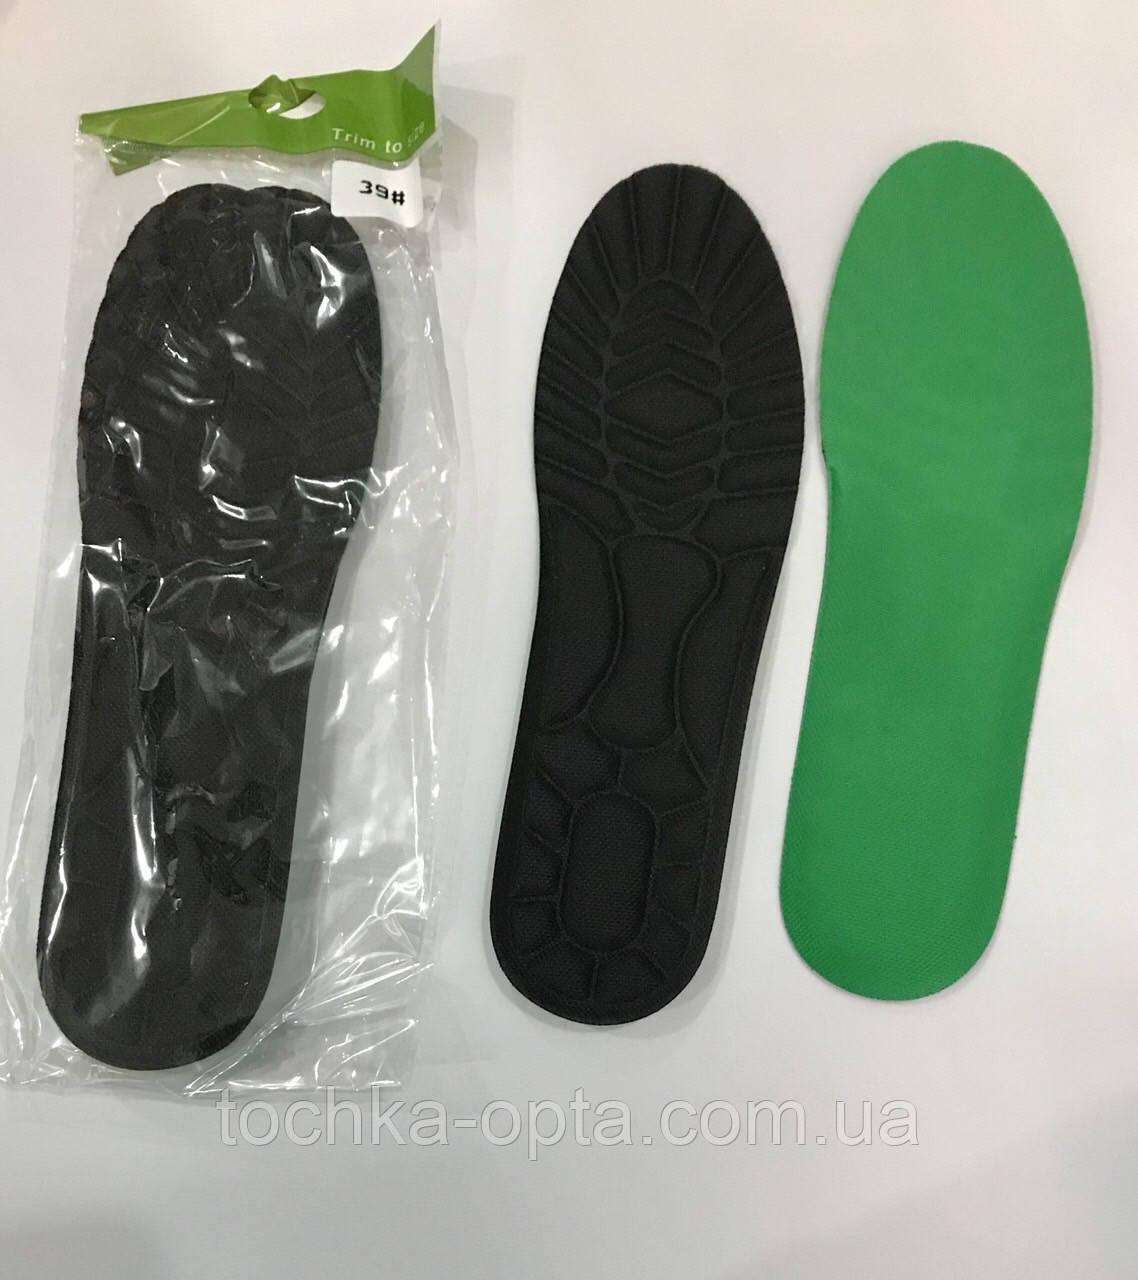 Стельки для спортивной обуви ортопедические 37 размер